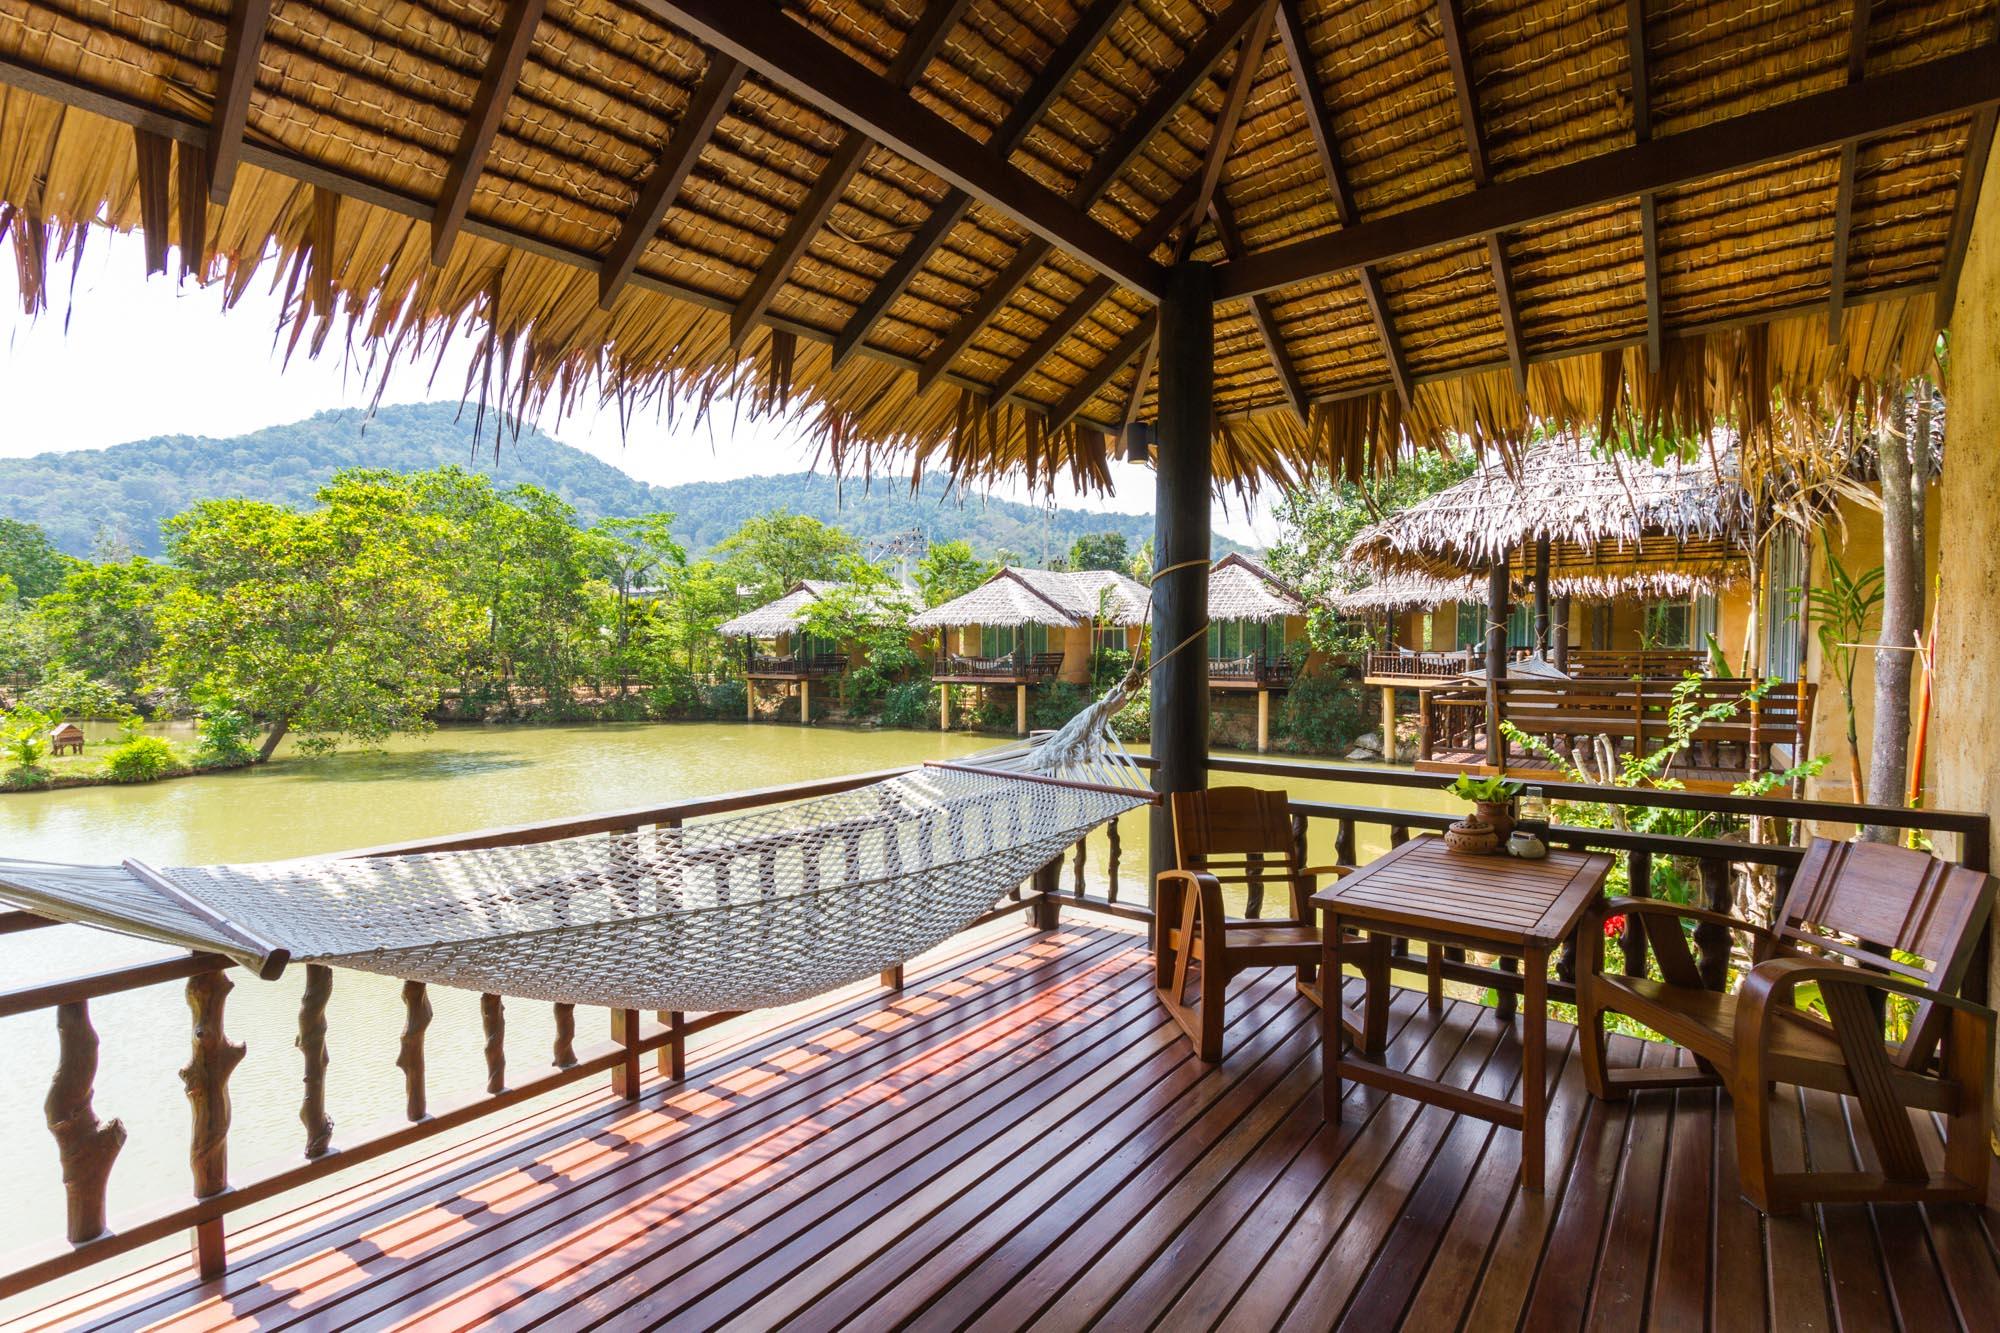 Ban Sainai Resort บ้านใสในรีสอร์ท  บ้านใสใน รีสอร์ท Ban Sainai Resort อ่าวนาง กระบี่ IMG 0125